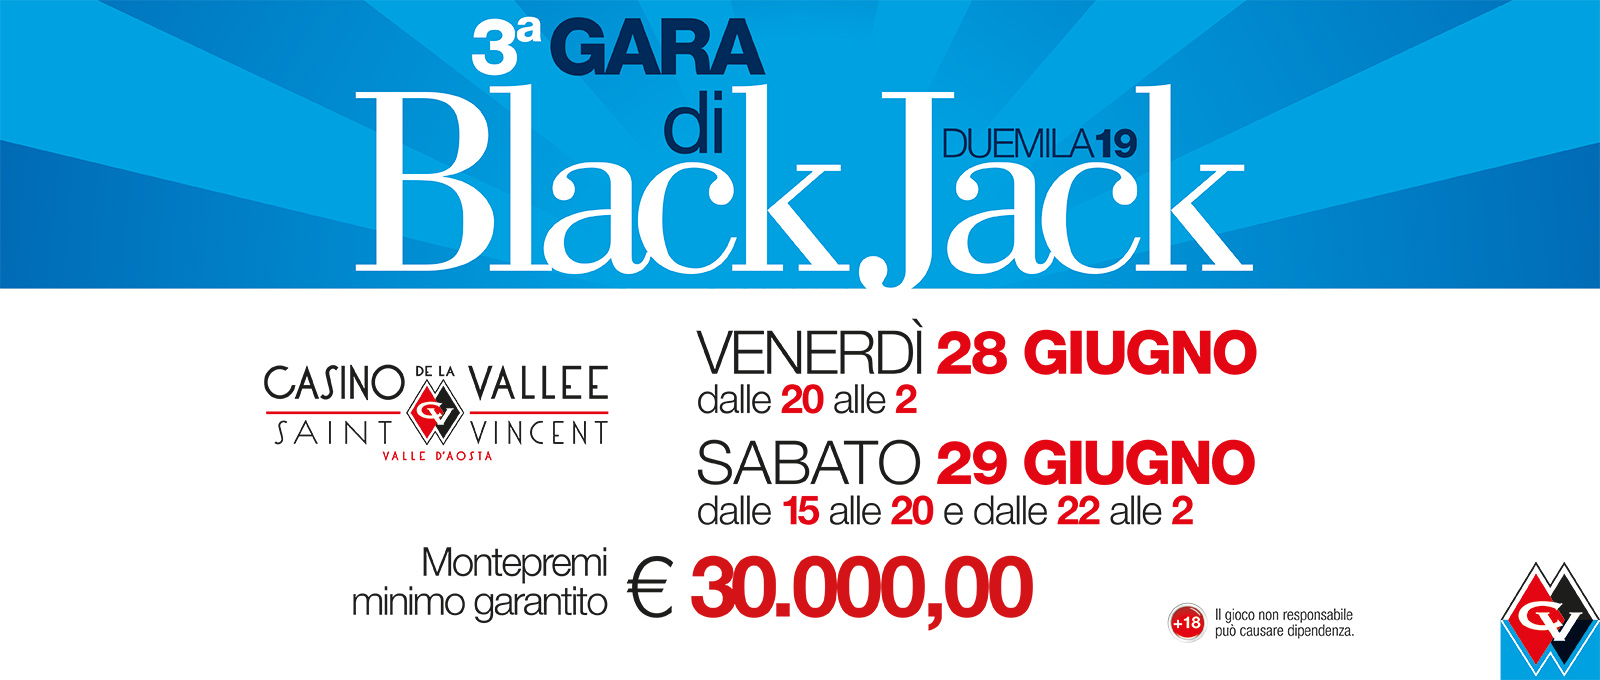 Terza Gara di Black Jack